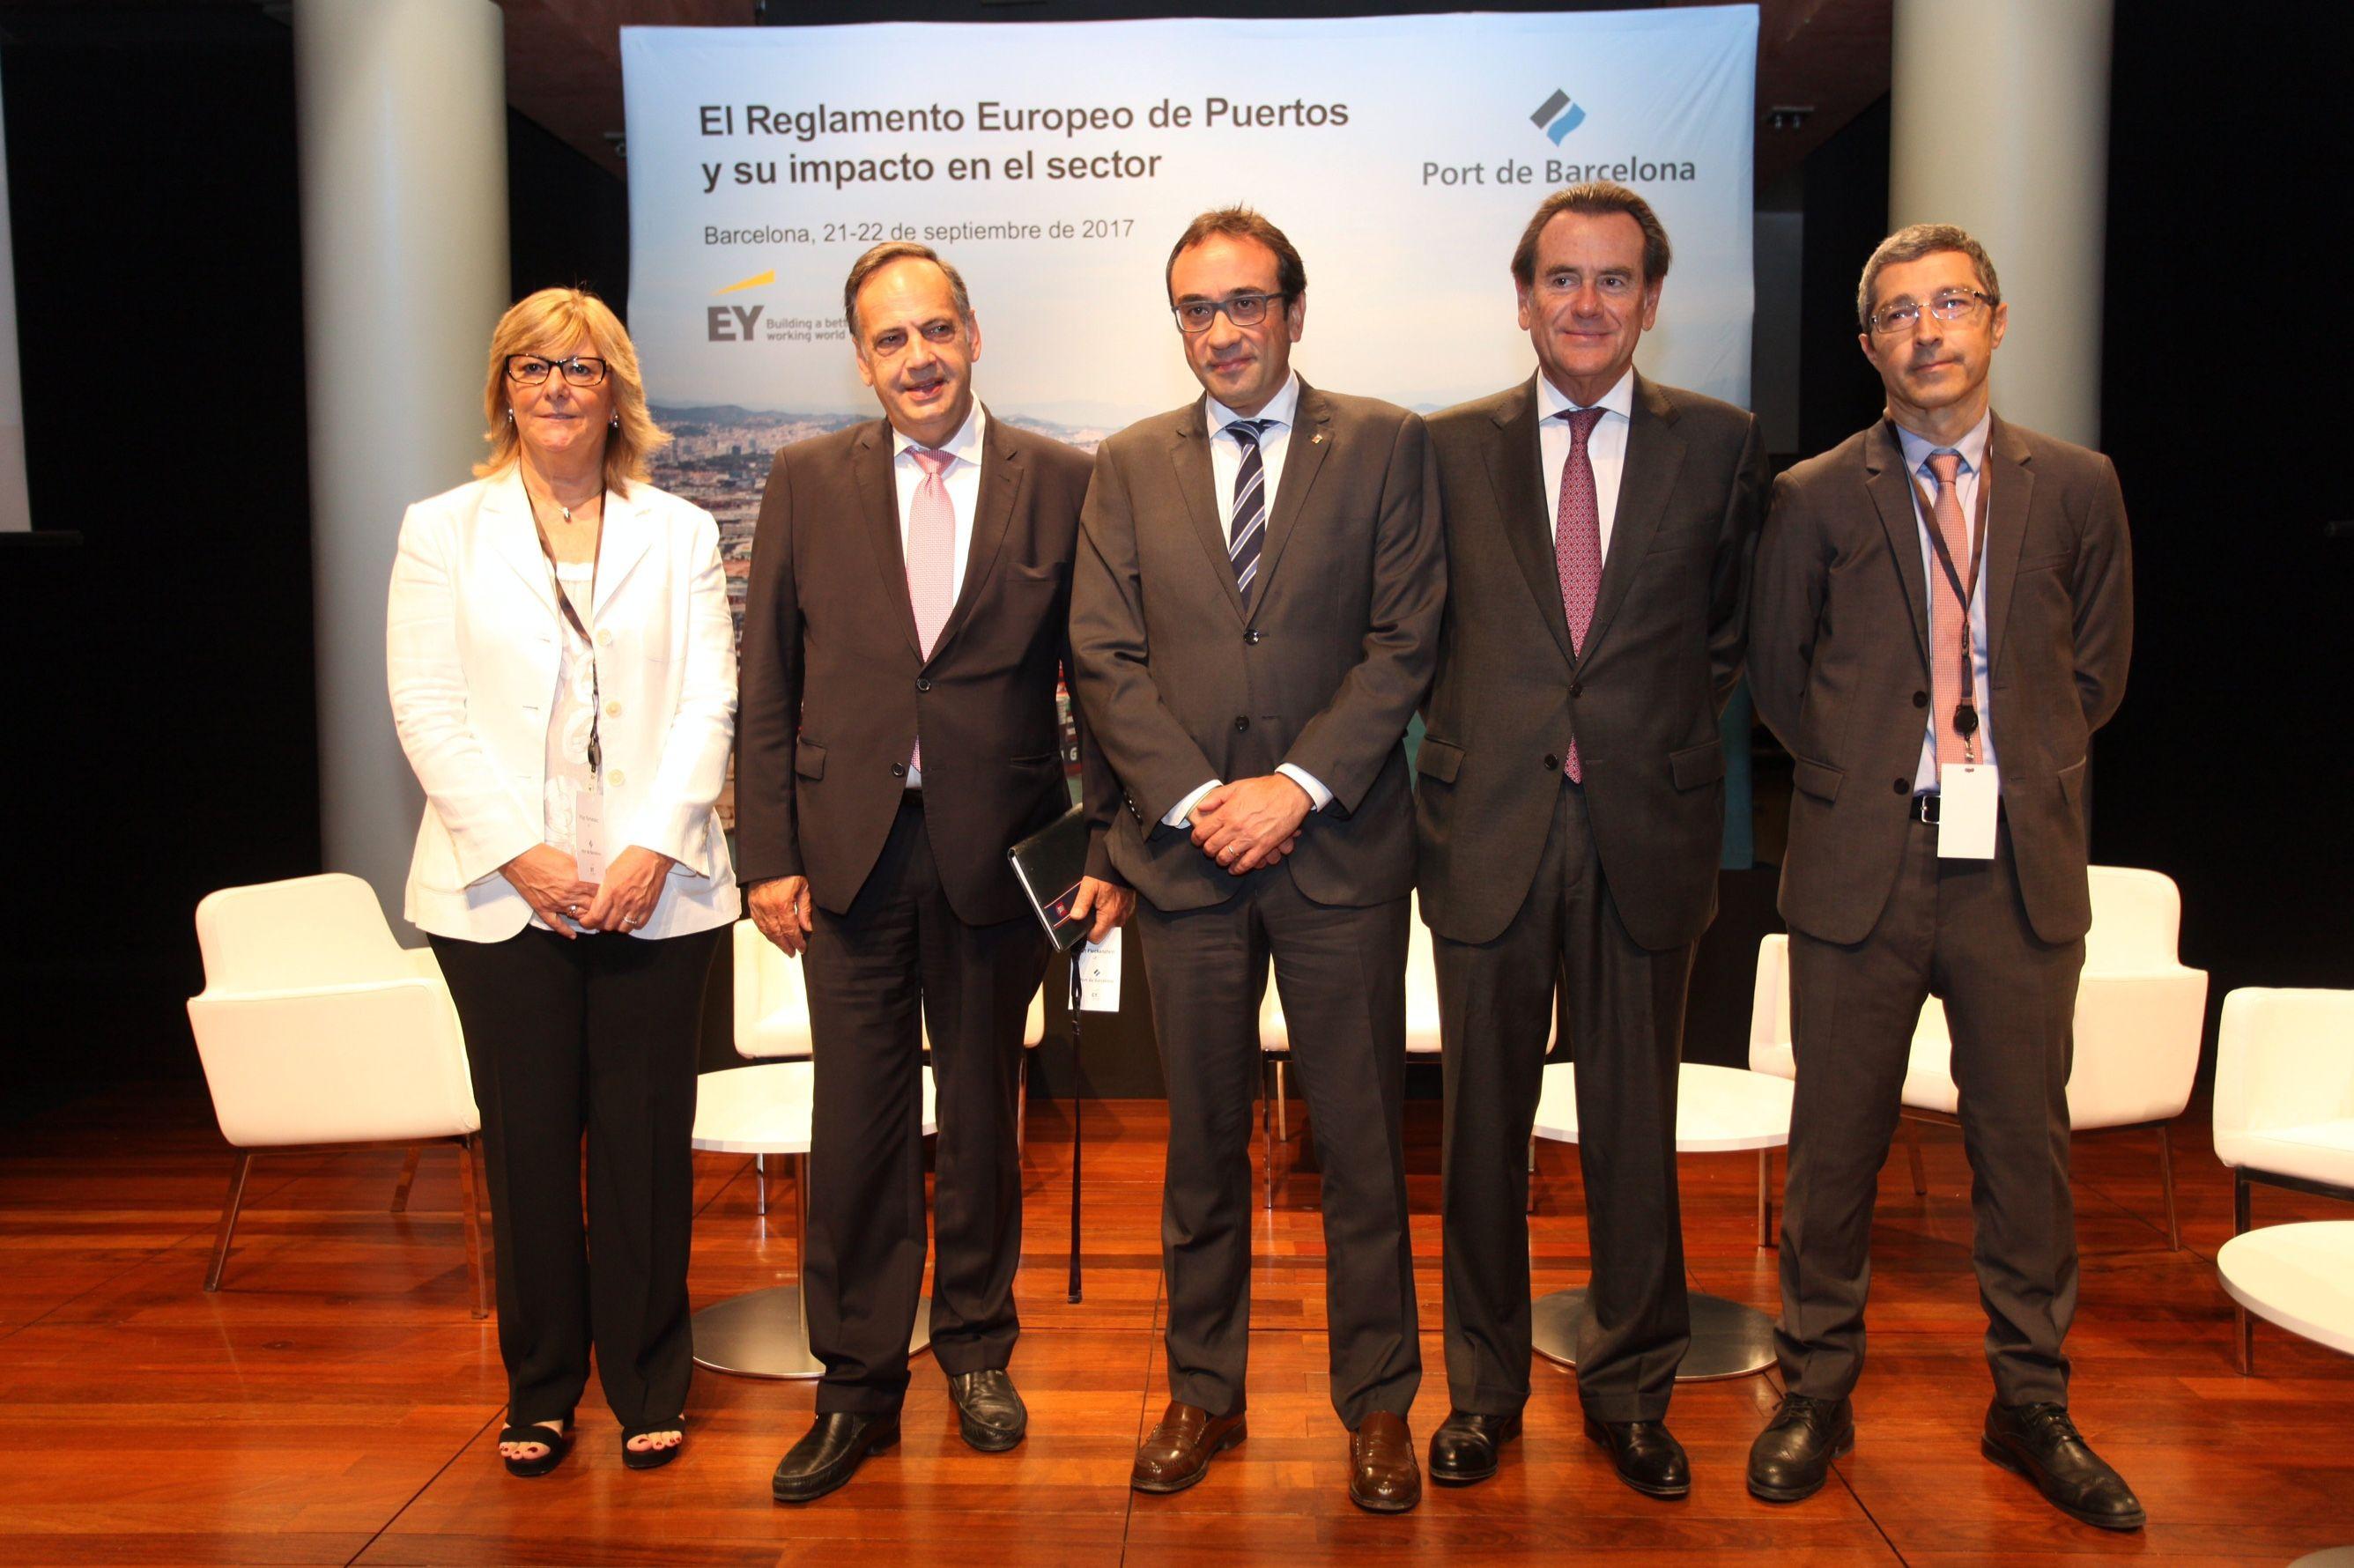 FOTO1 JornadesReglamentEuropeuPorts